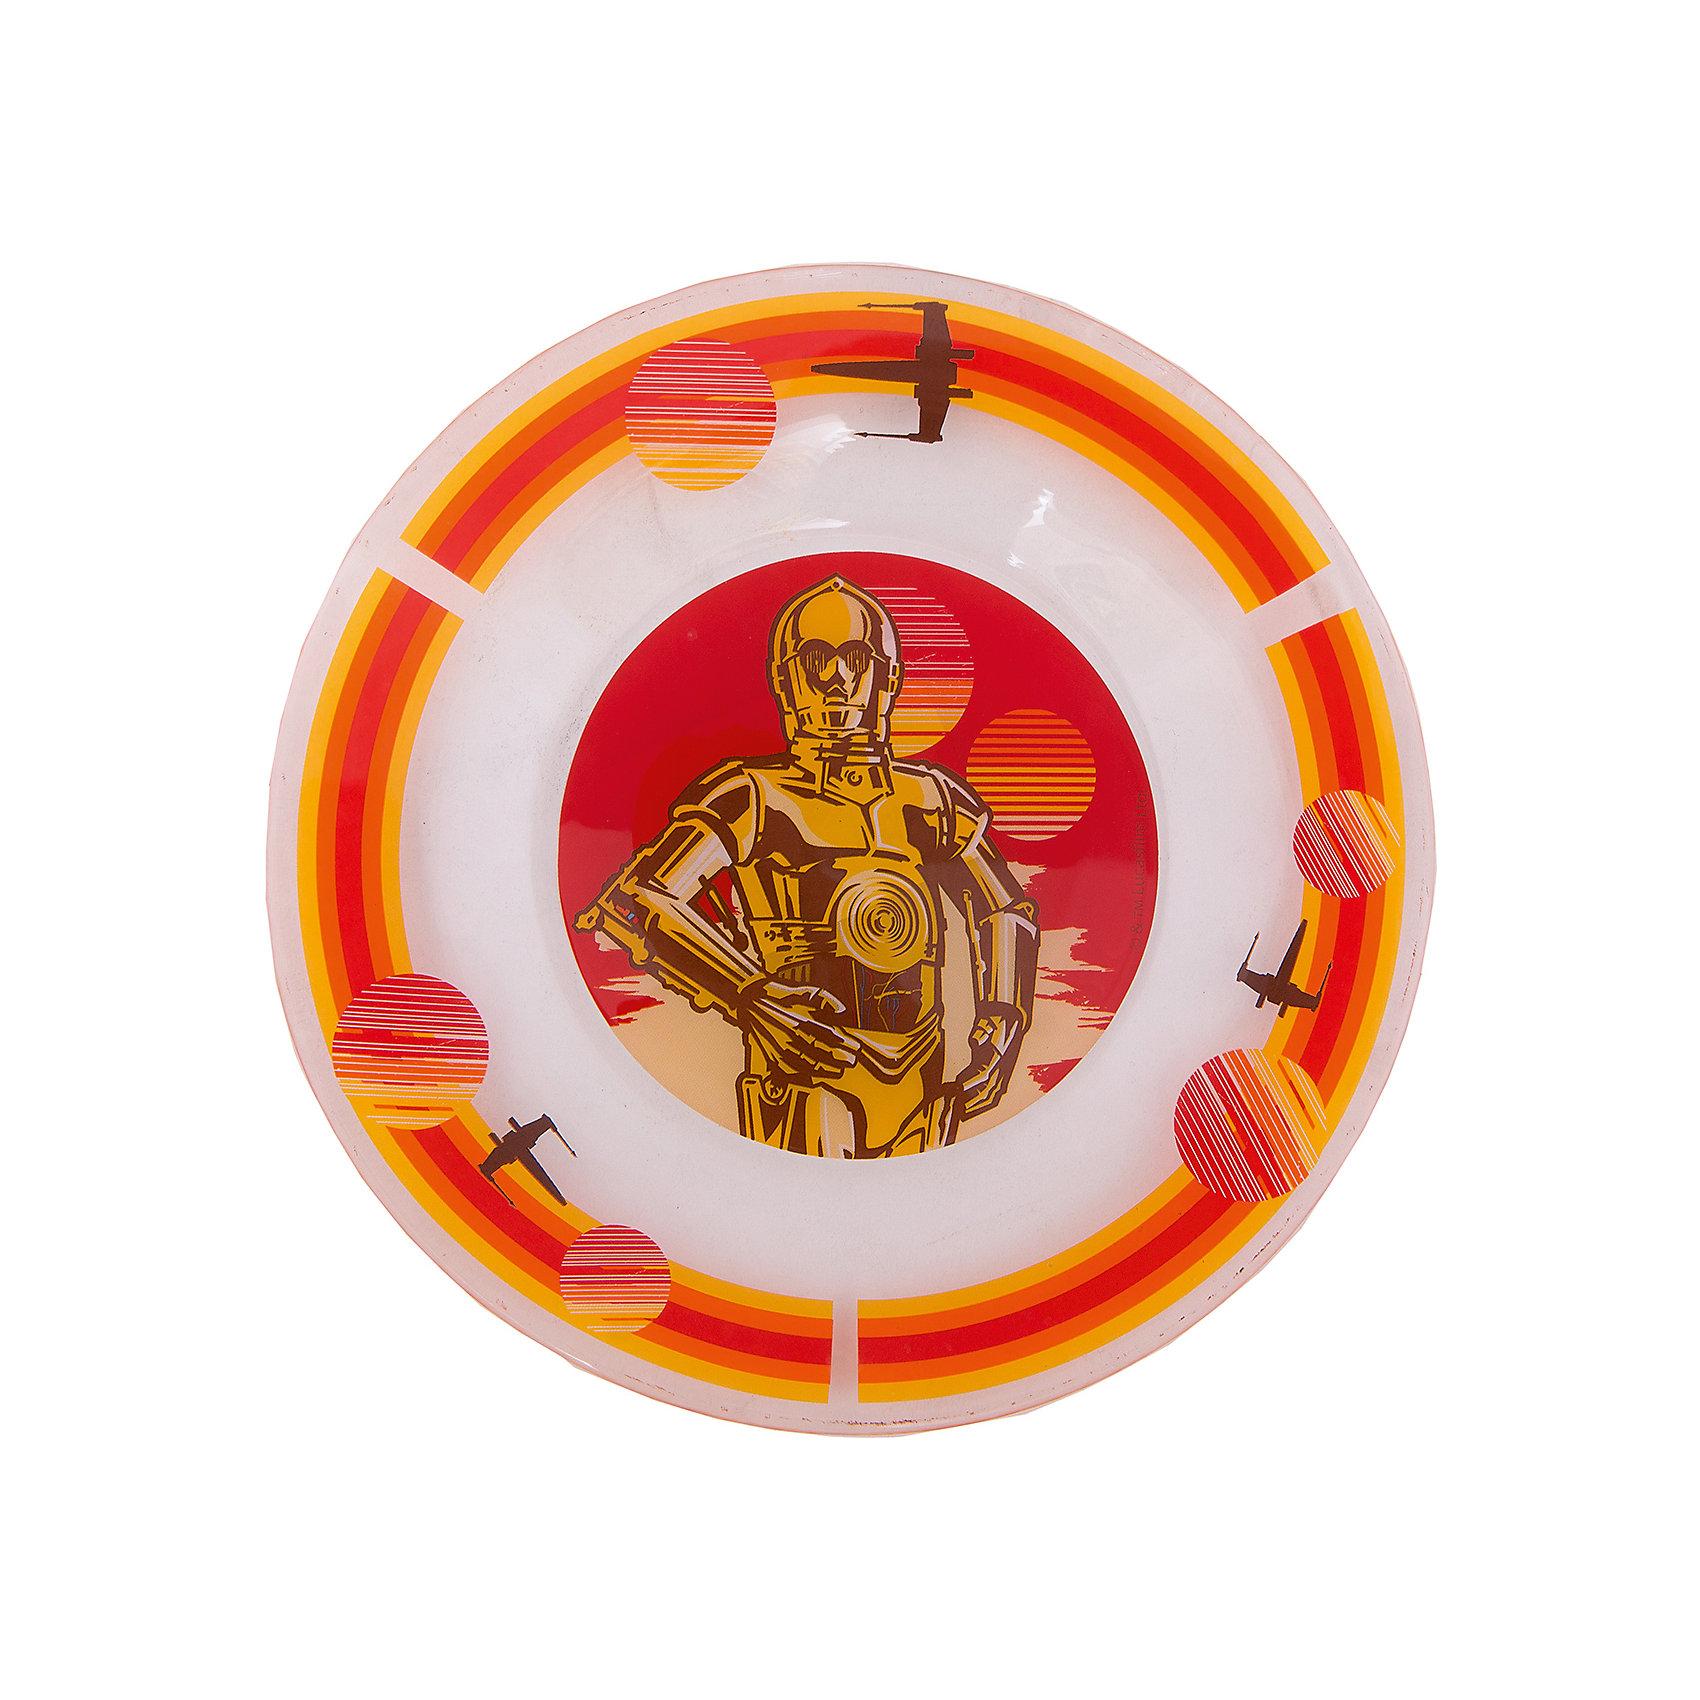 Тарелка Роботы (стекло, диаметр 19,5 см), Звездные войныТарелка Роботы (стекло, диаметр 19,5 см), Звездные войны – это отличный подарок для фаната вселенной Star Wars.<br>Стеклянная тарелка Роботы, оформленная ярким красочным рисунком с изображением робота C-3PO героя киносаги «Звездные войны», идеально подойдет для повседневного использования. Тарелка изготовлена из безопасного качественного материала.<br><br>Дополнительная информация:<br><br>- Диаметр: 19,5 см.<br>- Глубина: 2 см.<br>- Цвет рисунка: оранжевый<br>- Материал: стекло<br><br>Тарелку Роботы (стекло, диаметр 19,5 см), Звездные войны можно купить в нашем интернет-магазине.<br><br>Ширина мм: 190<br>Глубина мм: 190<br>Высота мм: 20<br>Вес г: 240<br>Возраст от месяцев: 36<br>Возраст до месяцев: 144<br>Пол: Унисекс<br>Возраст: Детский<br>SKU: 4536264